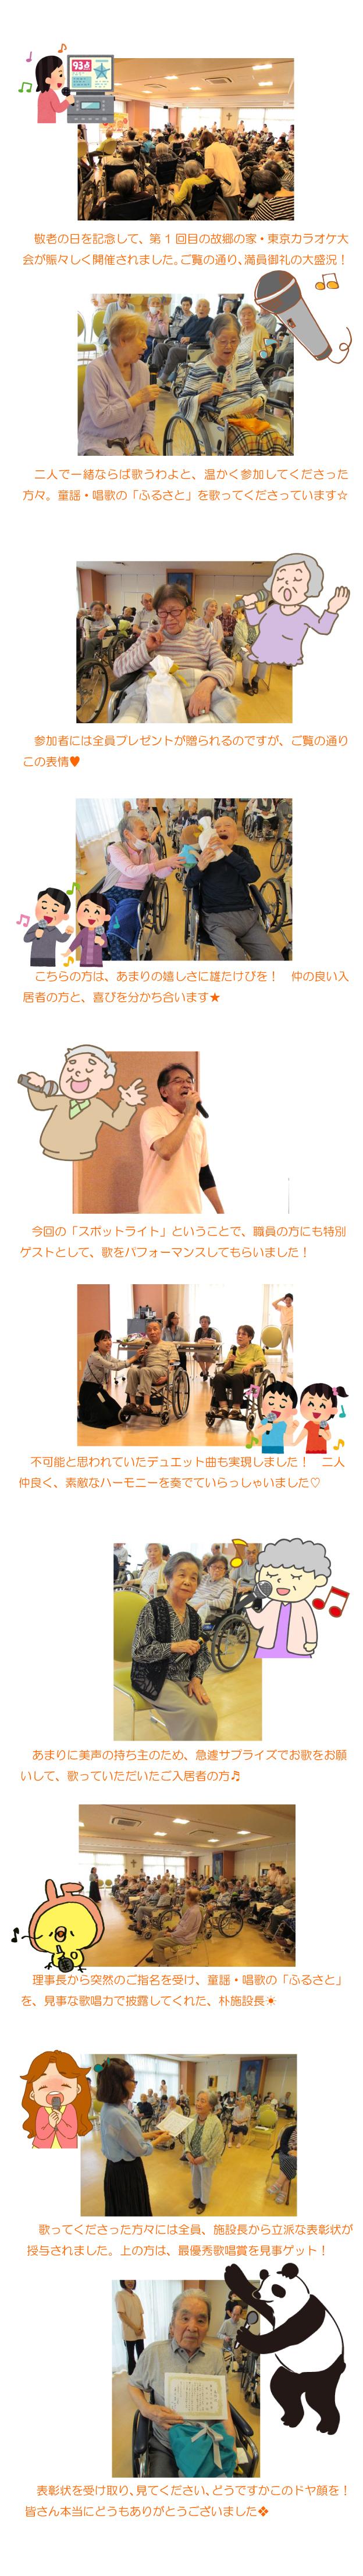 敬老の日カラオケ会ブログ